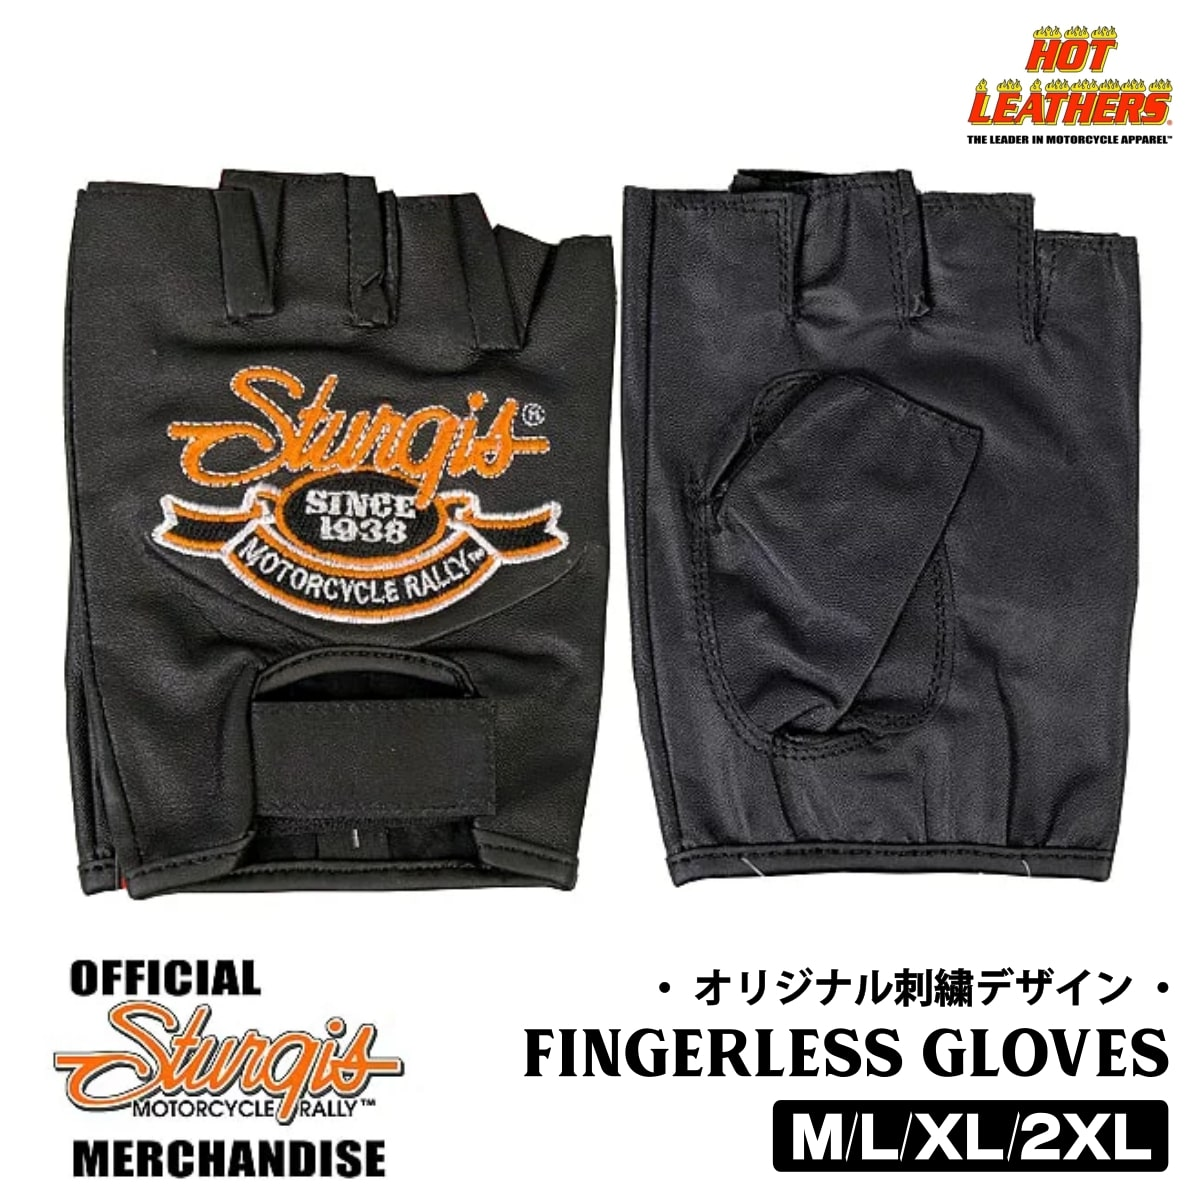 バイクウェア・プロテクター, グローブ ! ! Official Sturgis Motorcycle Rally Fingerless Glove ! ! HOTLEATHERS ! !